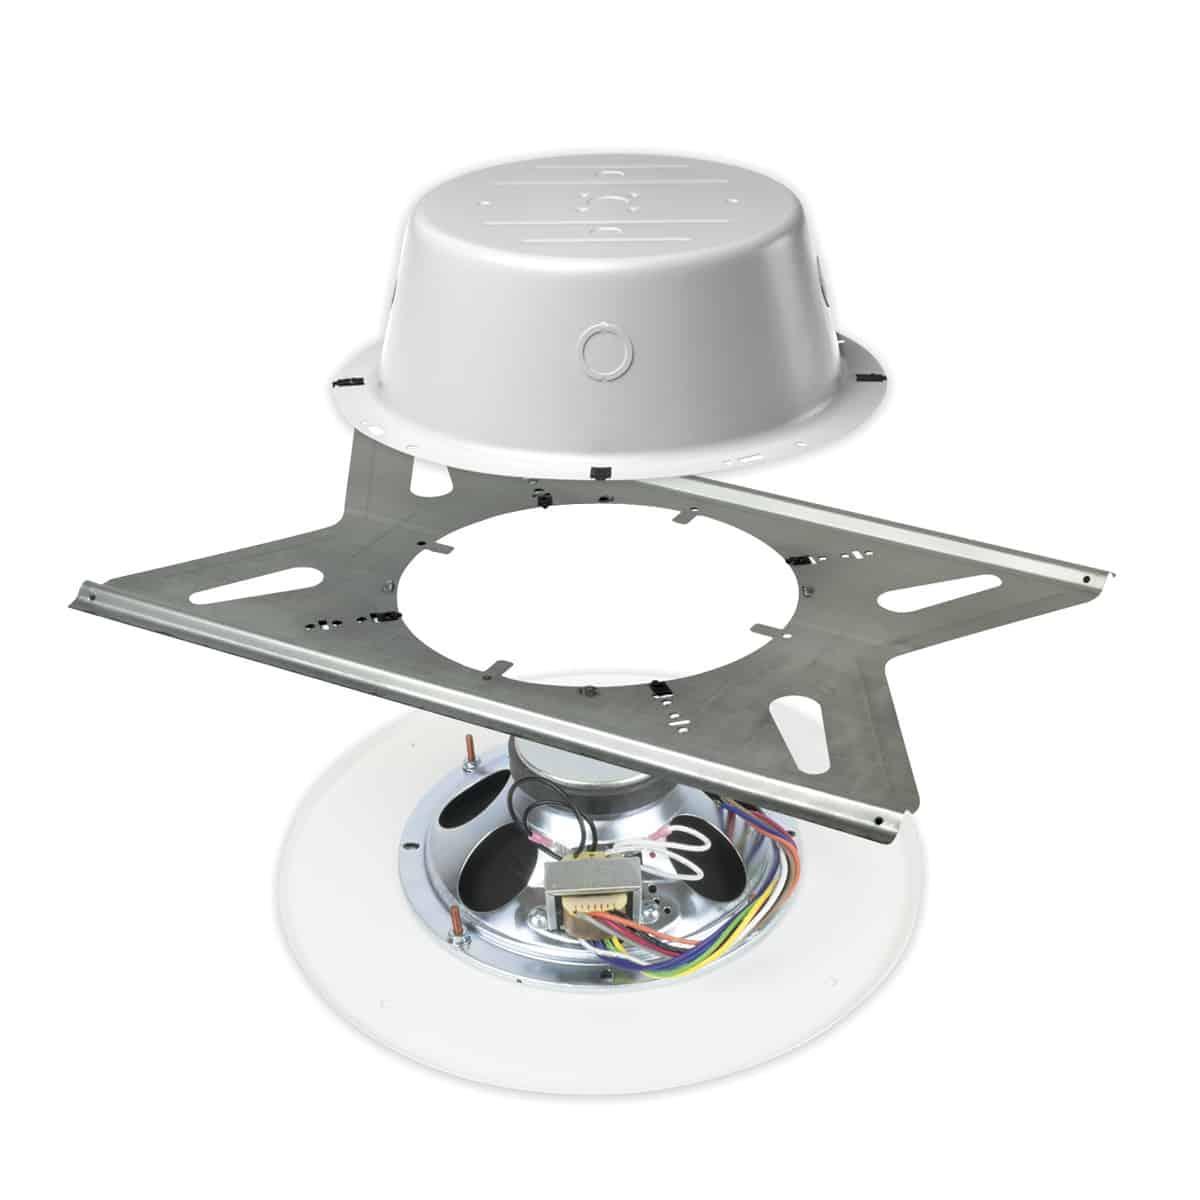 RPAK-810-72: Set of Two In-Ceiling Speakers